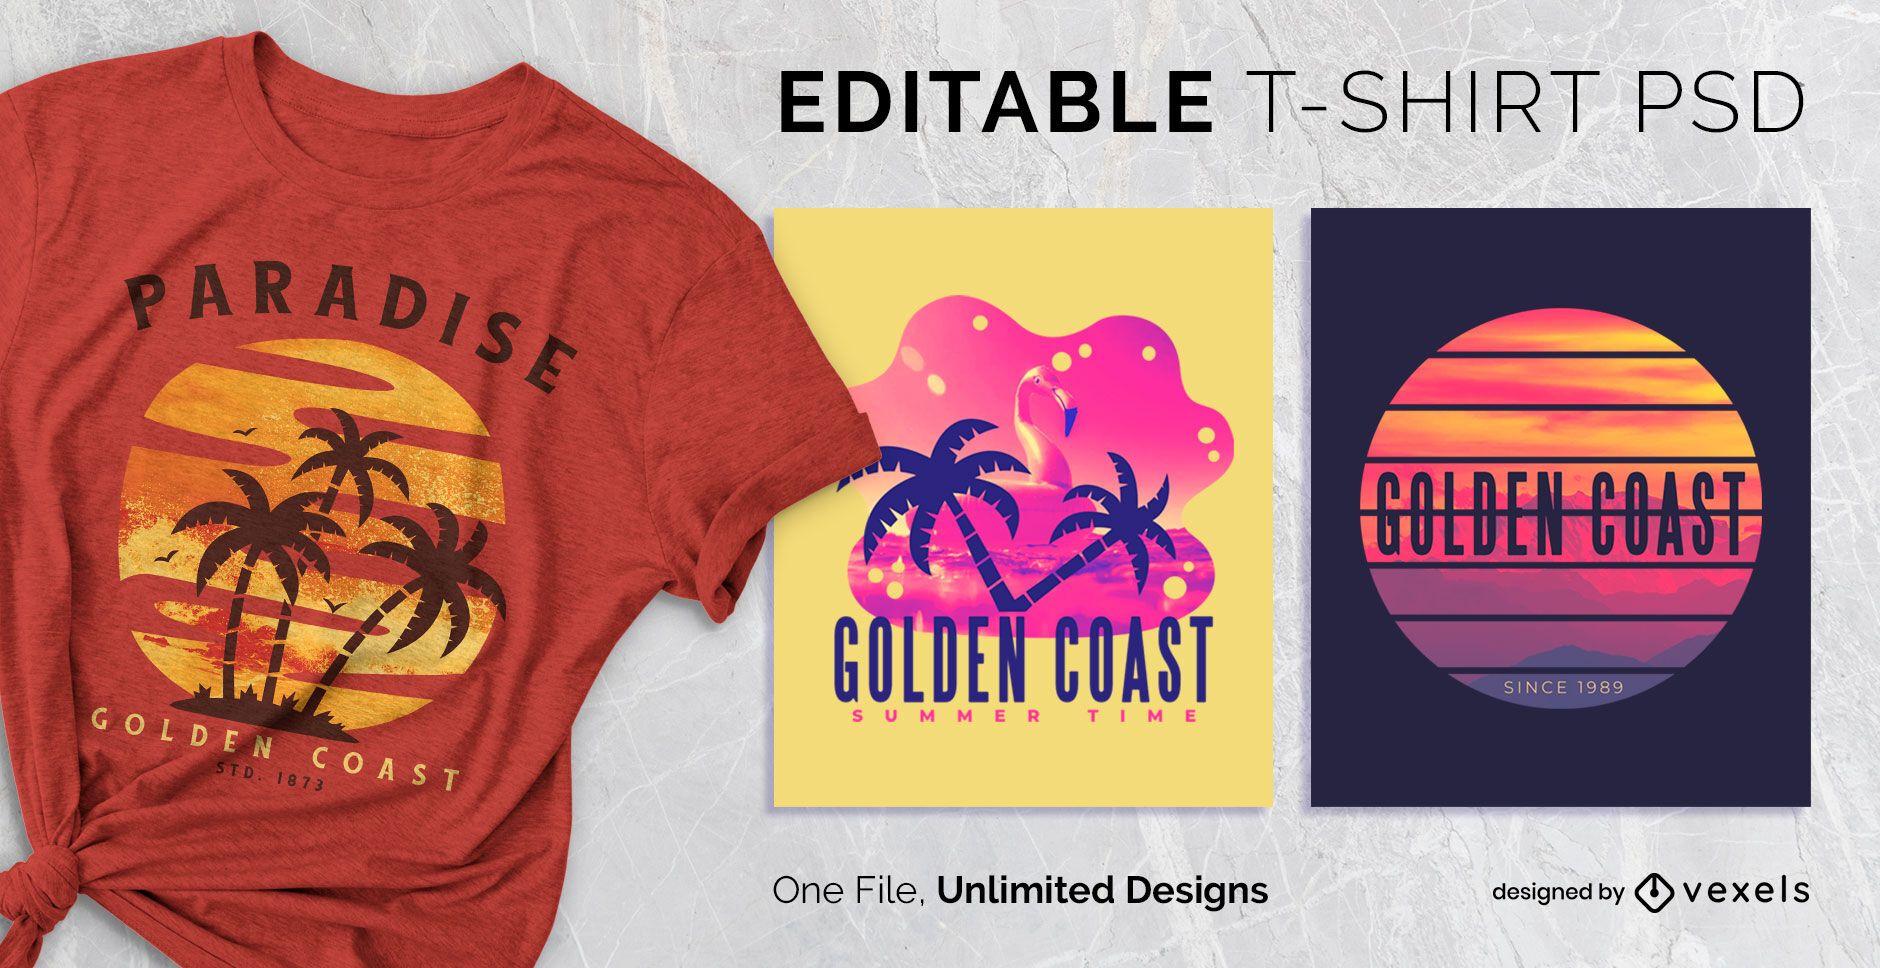 Sunset skalierbares T-Shirt psd